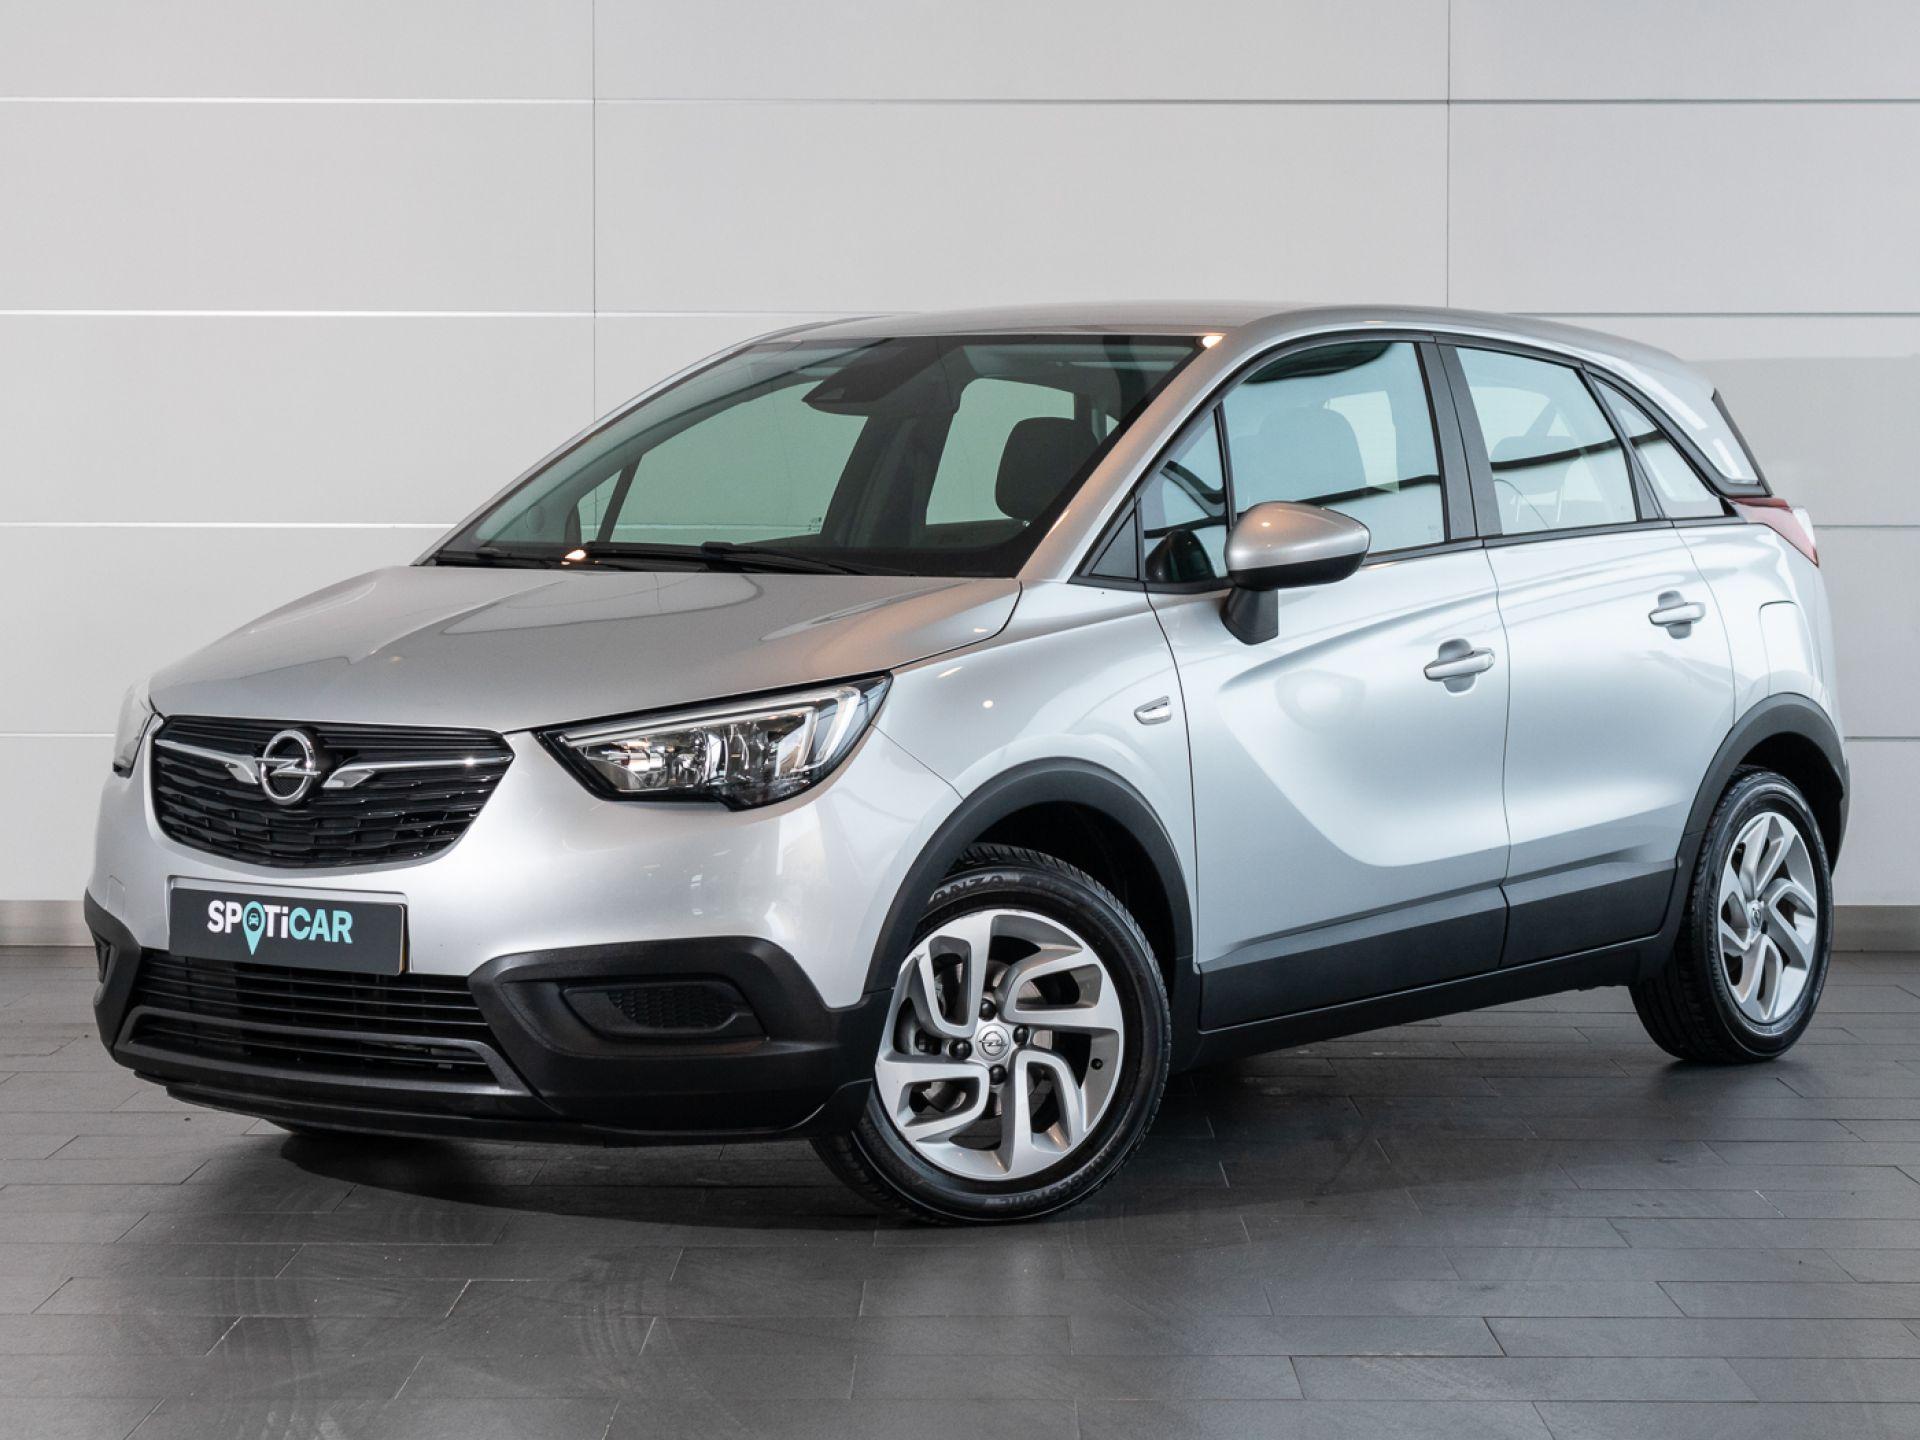 Opel Crossland X 1.2 83cv Business Edition segunda mão Setúbal